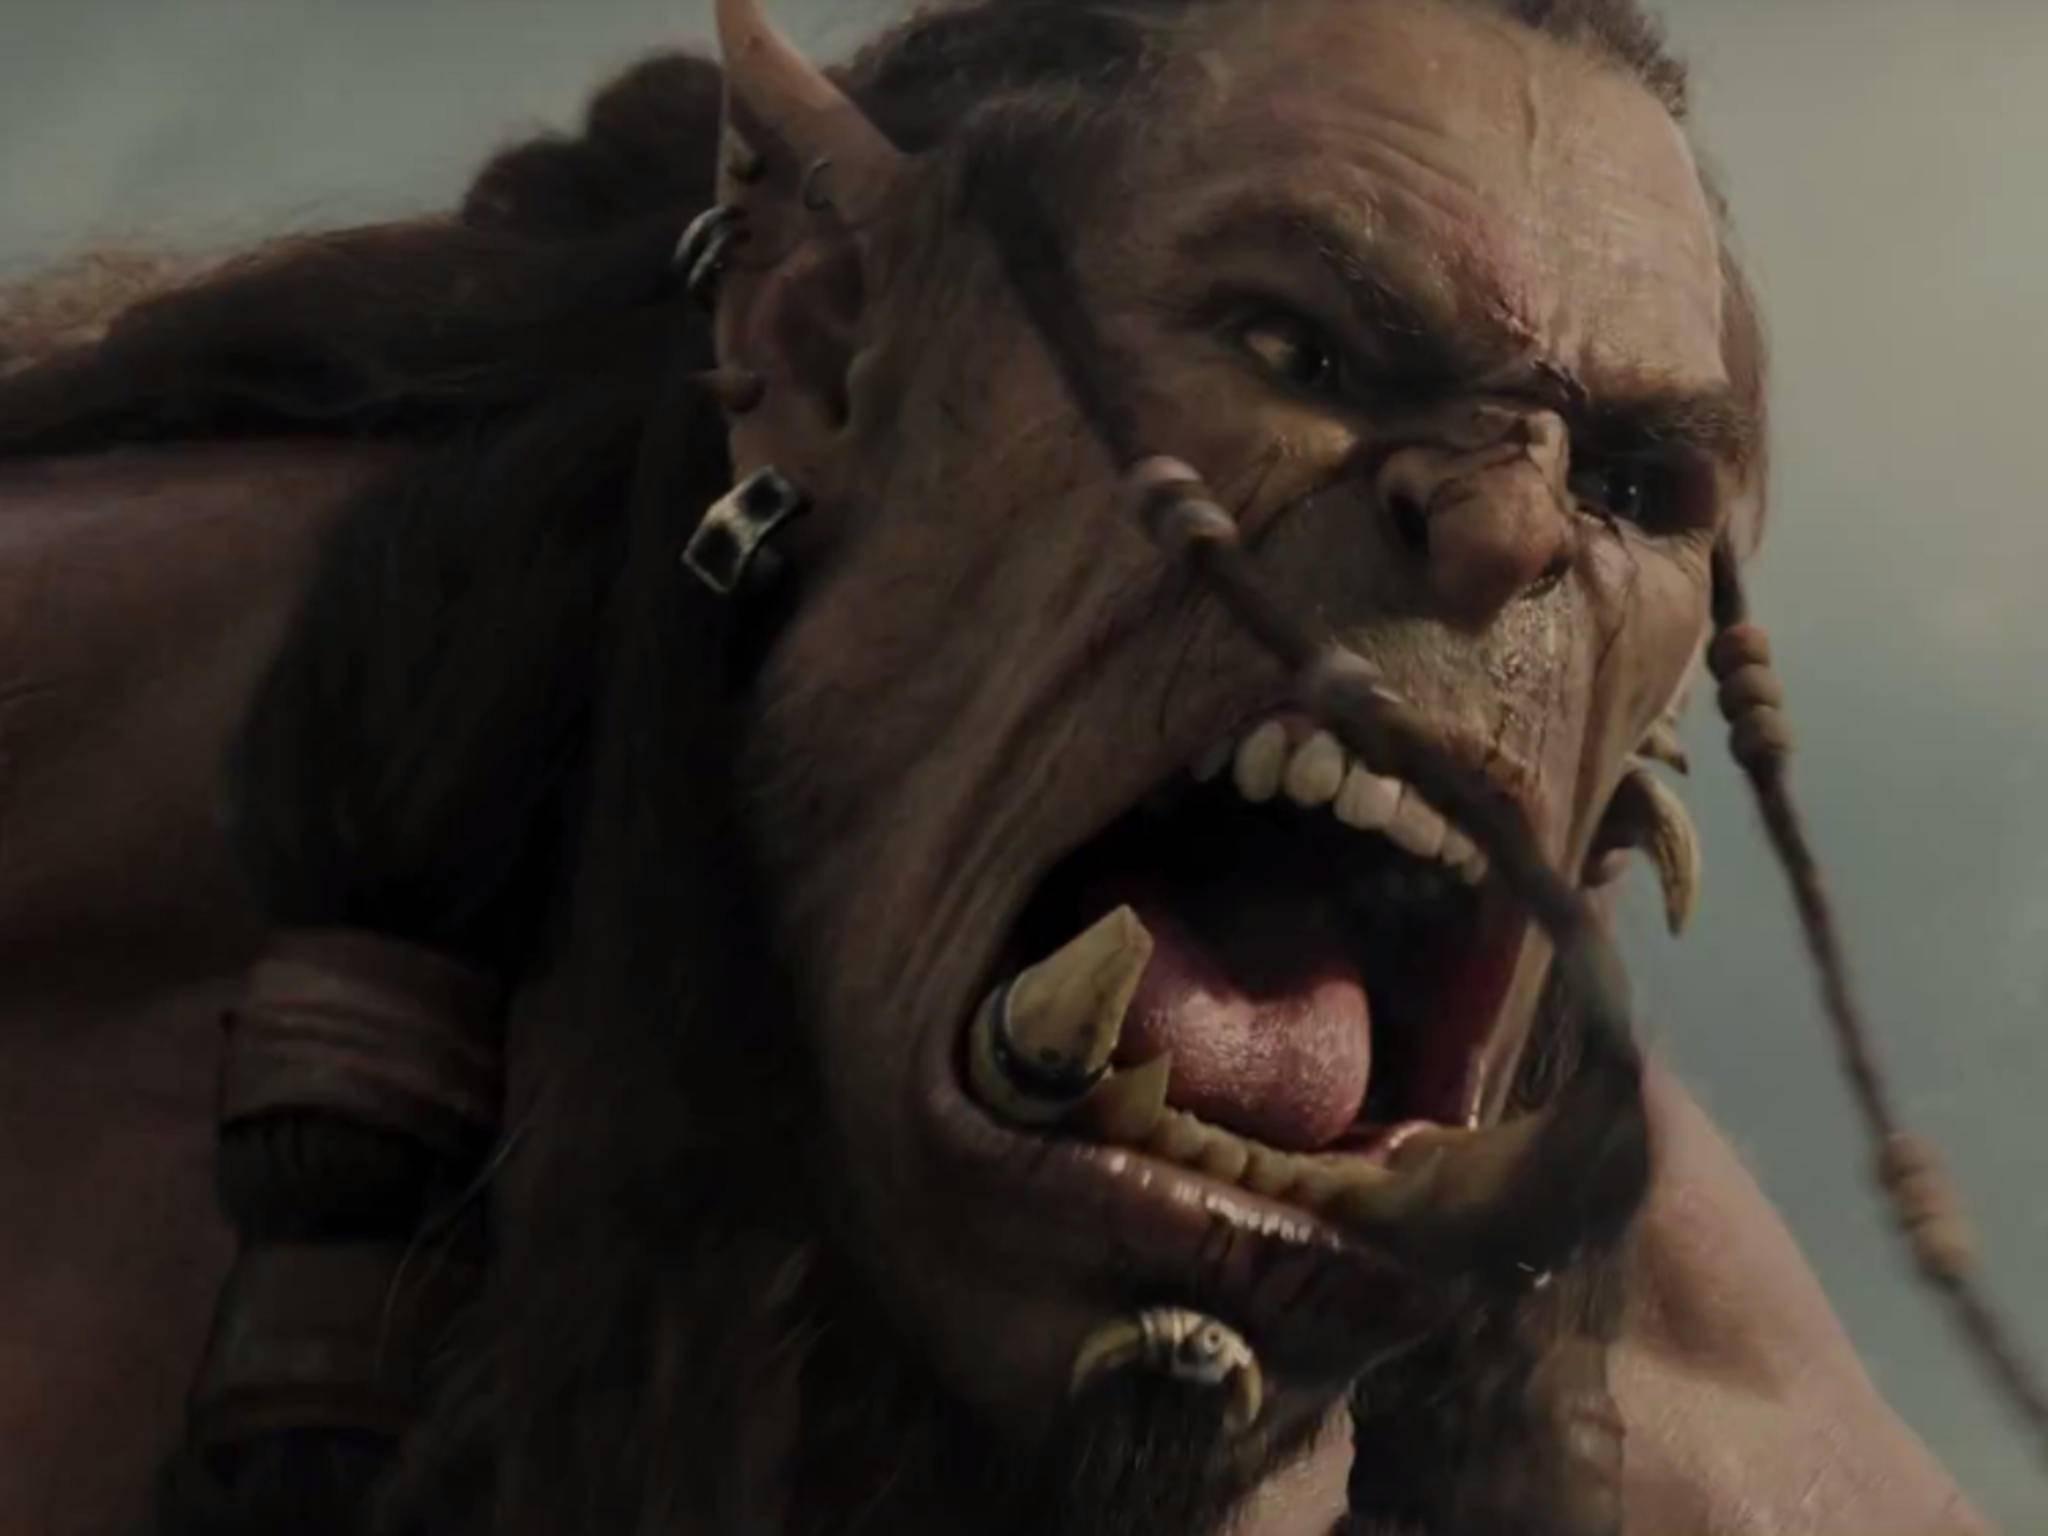 """Gut gebrüllt, kleiner Orc: Ab dem 29. September gibt es """"Warcraft: The Beginning"""" als DVD und Blu-ray zu kaufen."""